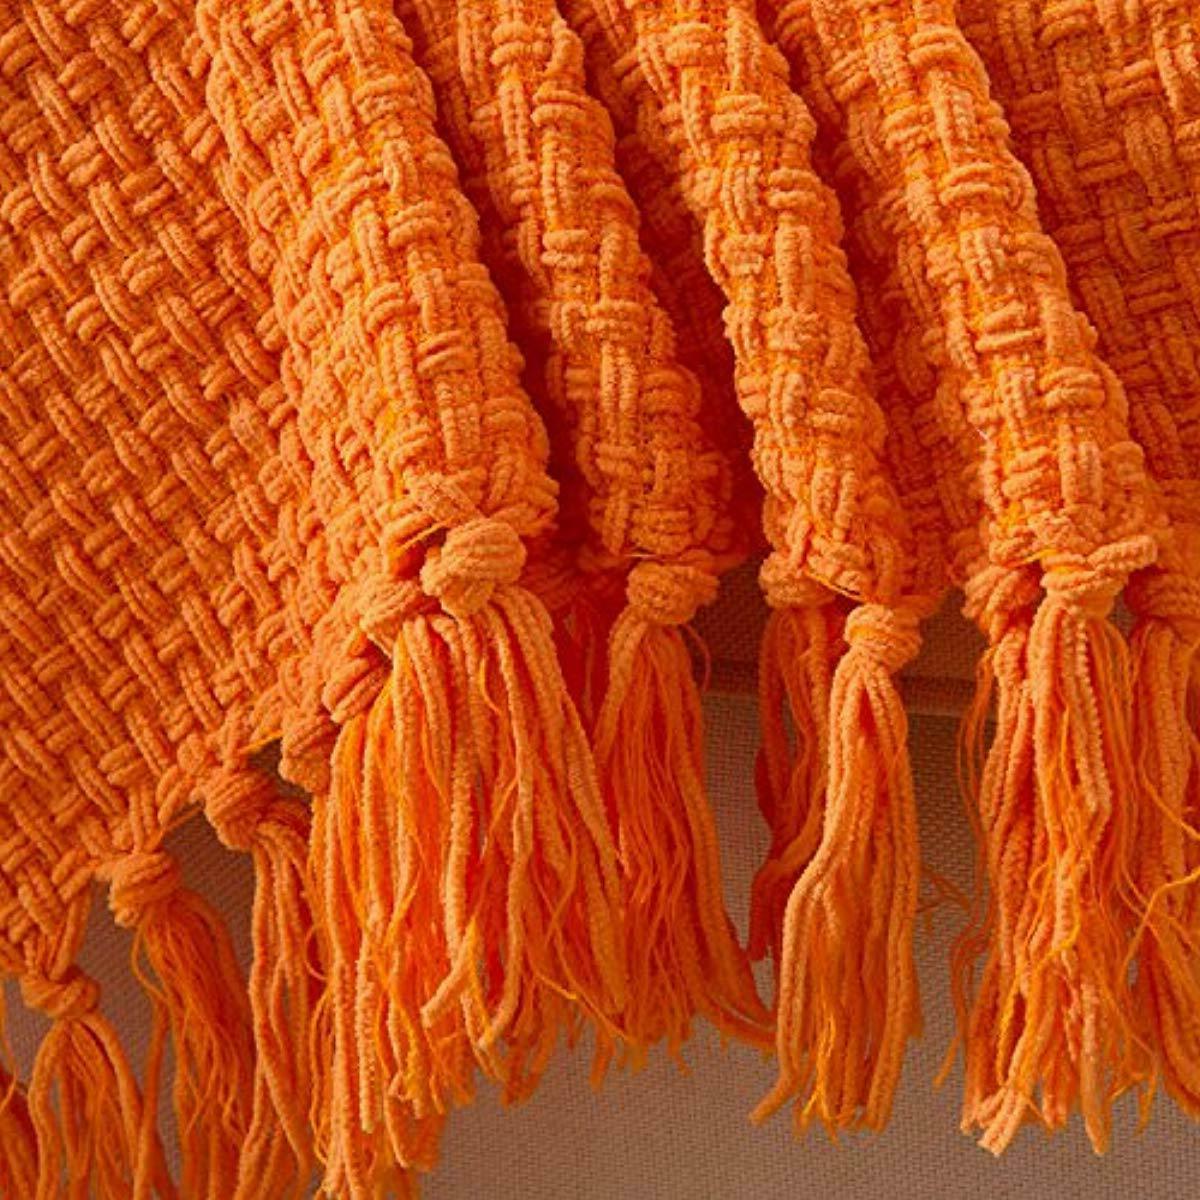 Throw Blanket Orange Woven Pattern Autumn House